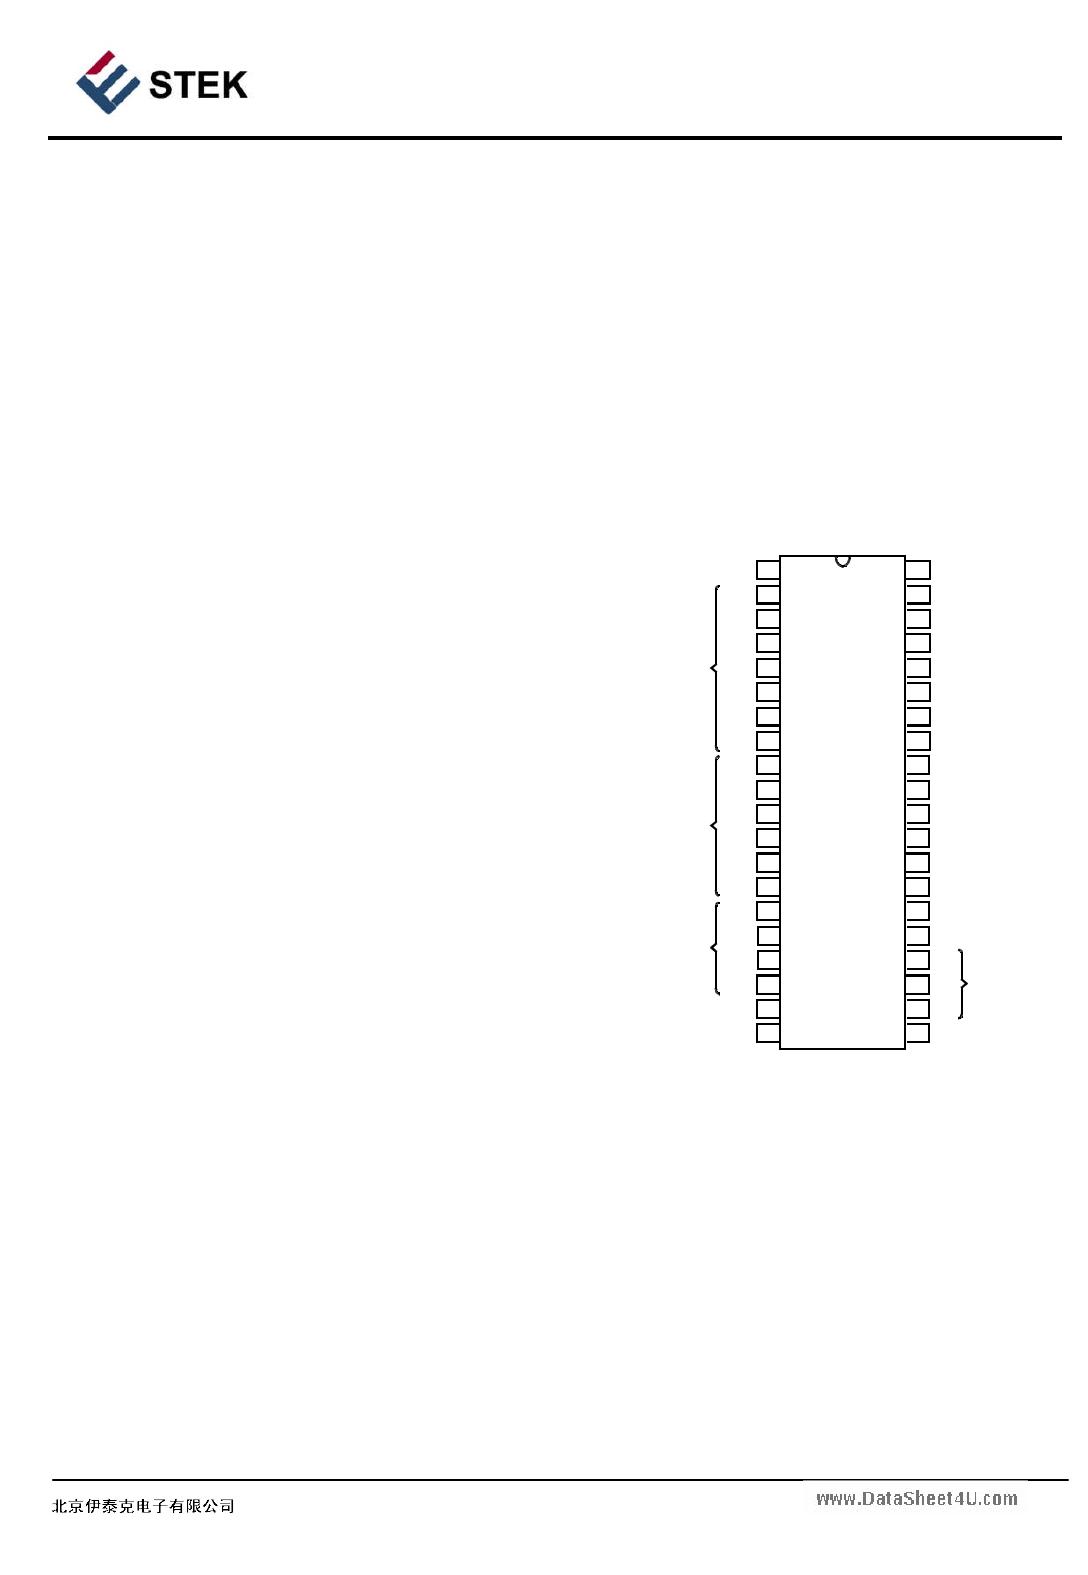 Icl7107 Datasheet Icl7106 Digital Voltmeter Circuit Hoja De Datos Pdf